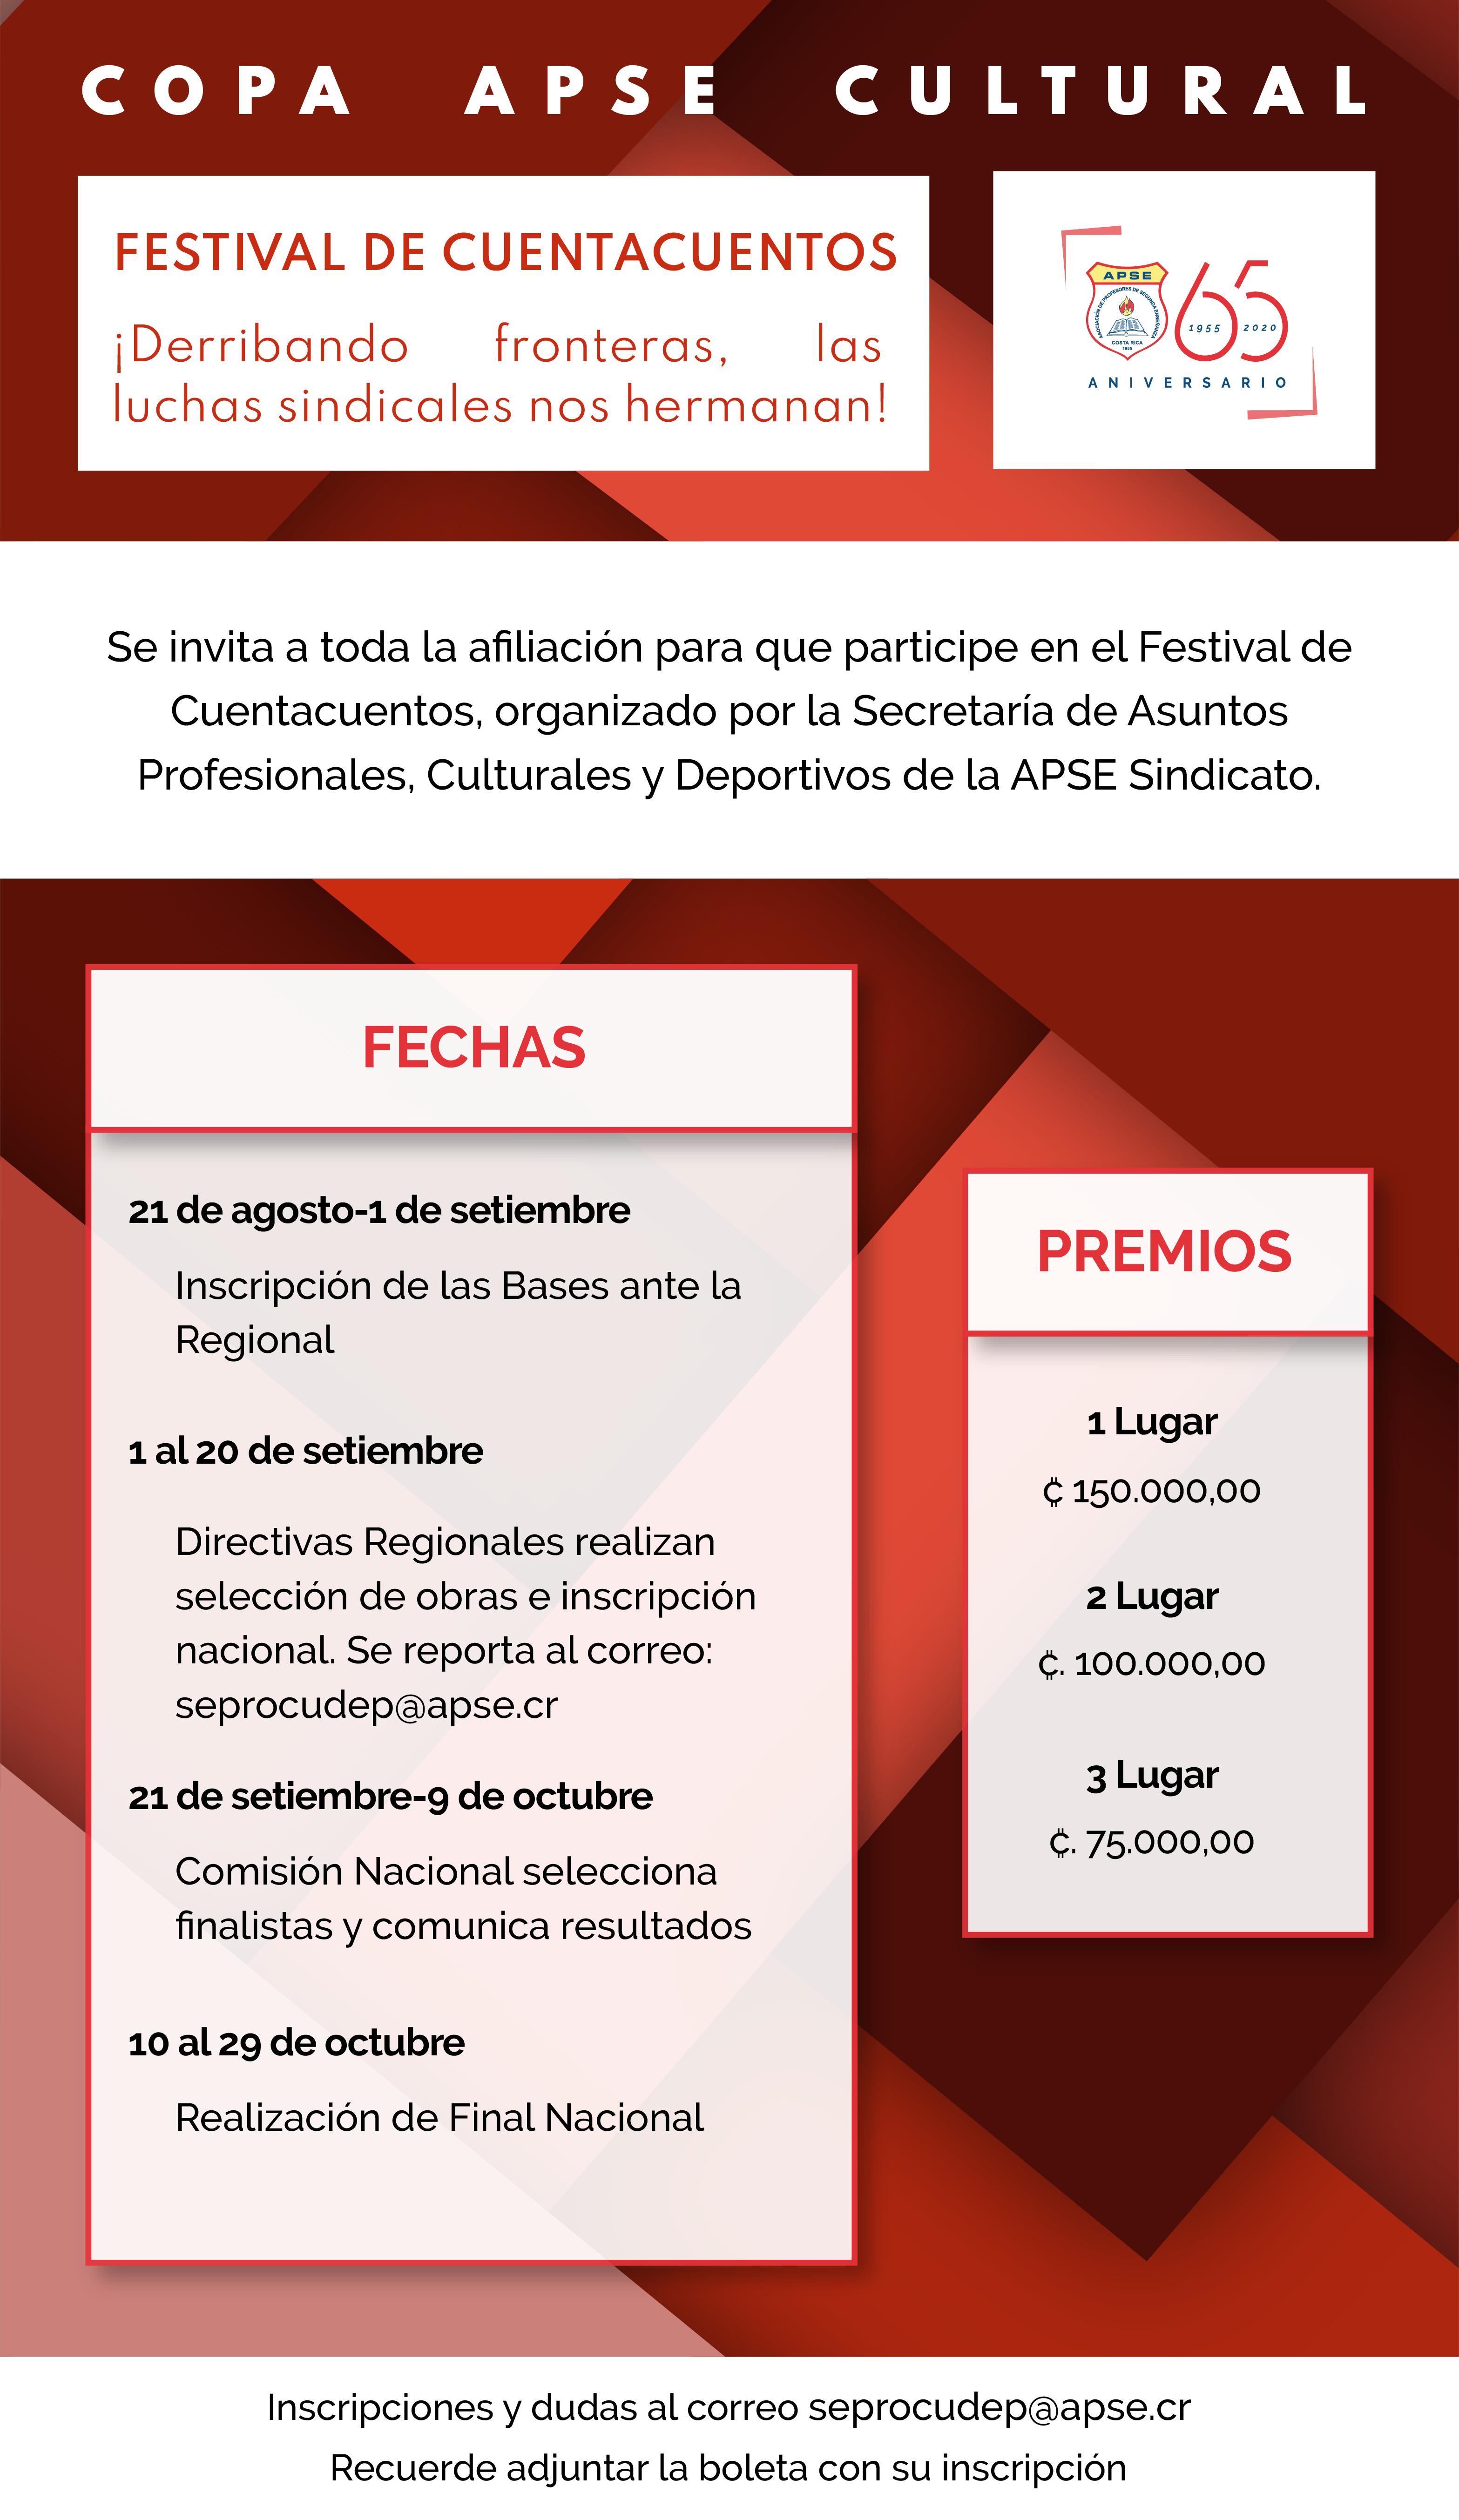 APSE invita a los concursos de Cuentacuentos, Expresión Plástica y Solista Vocal